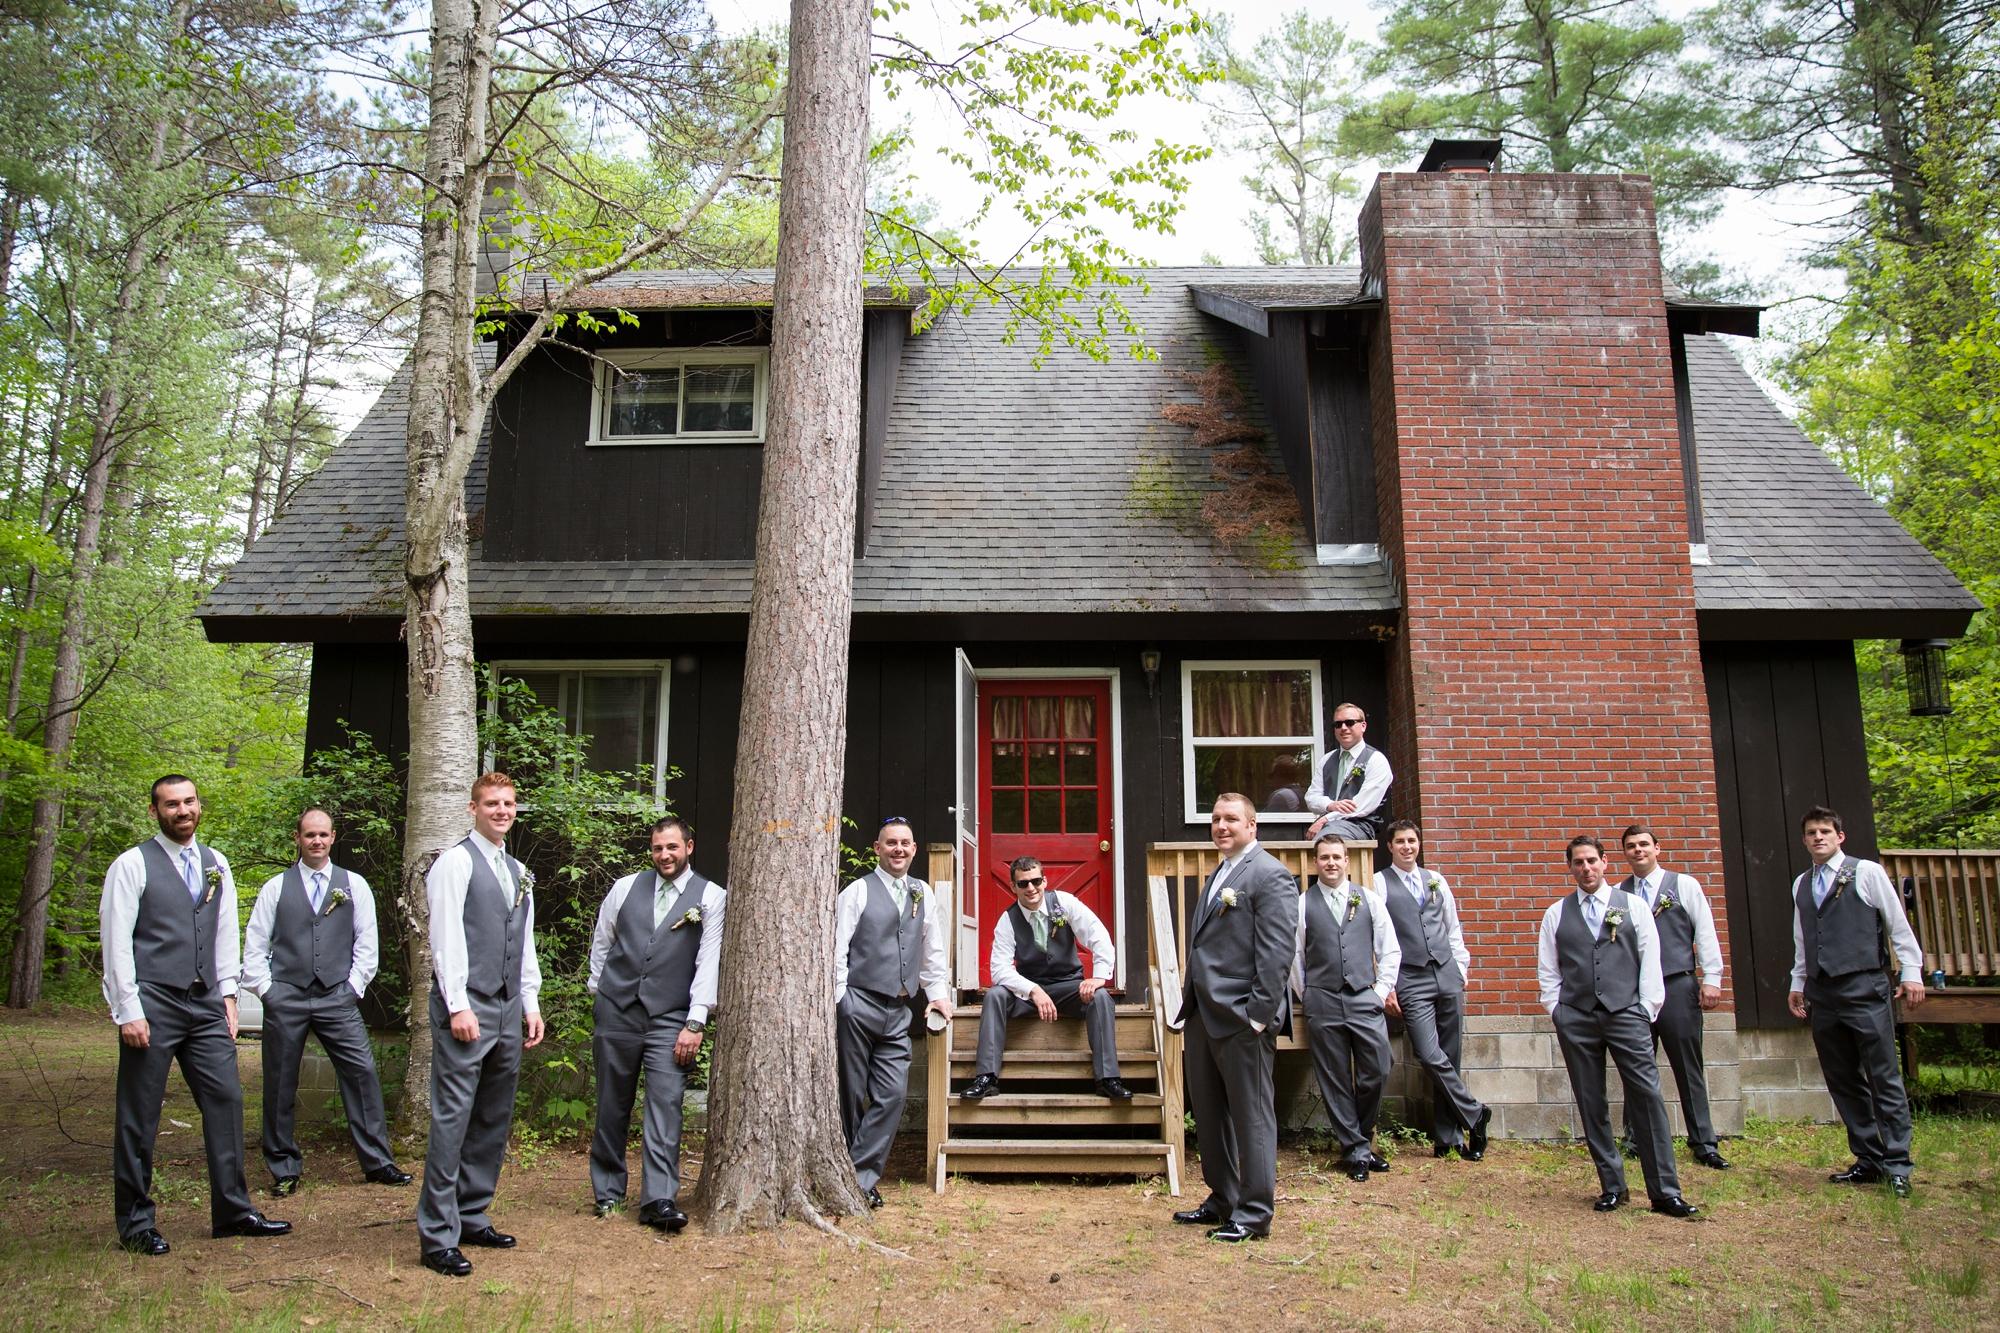 Albany NY Wedding Photographer Justin Tibbitts Photography 2014 Best of Albany NY Weddings-5053125